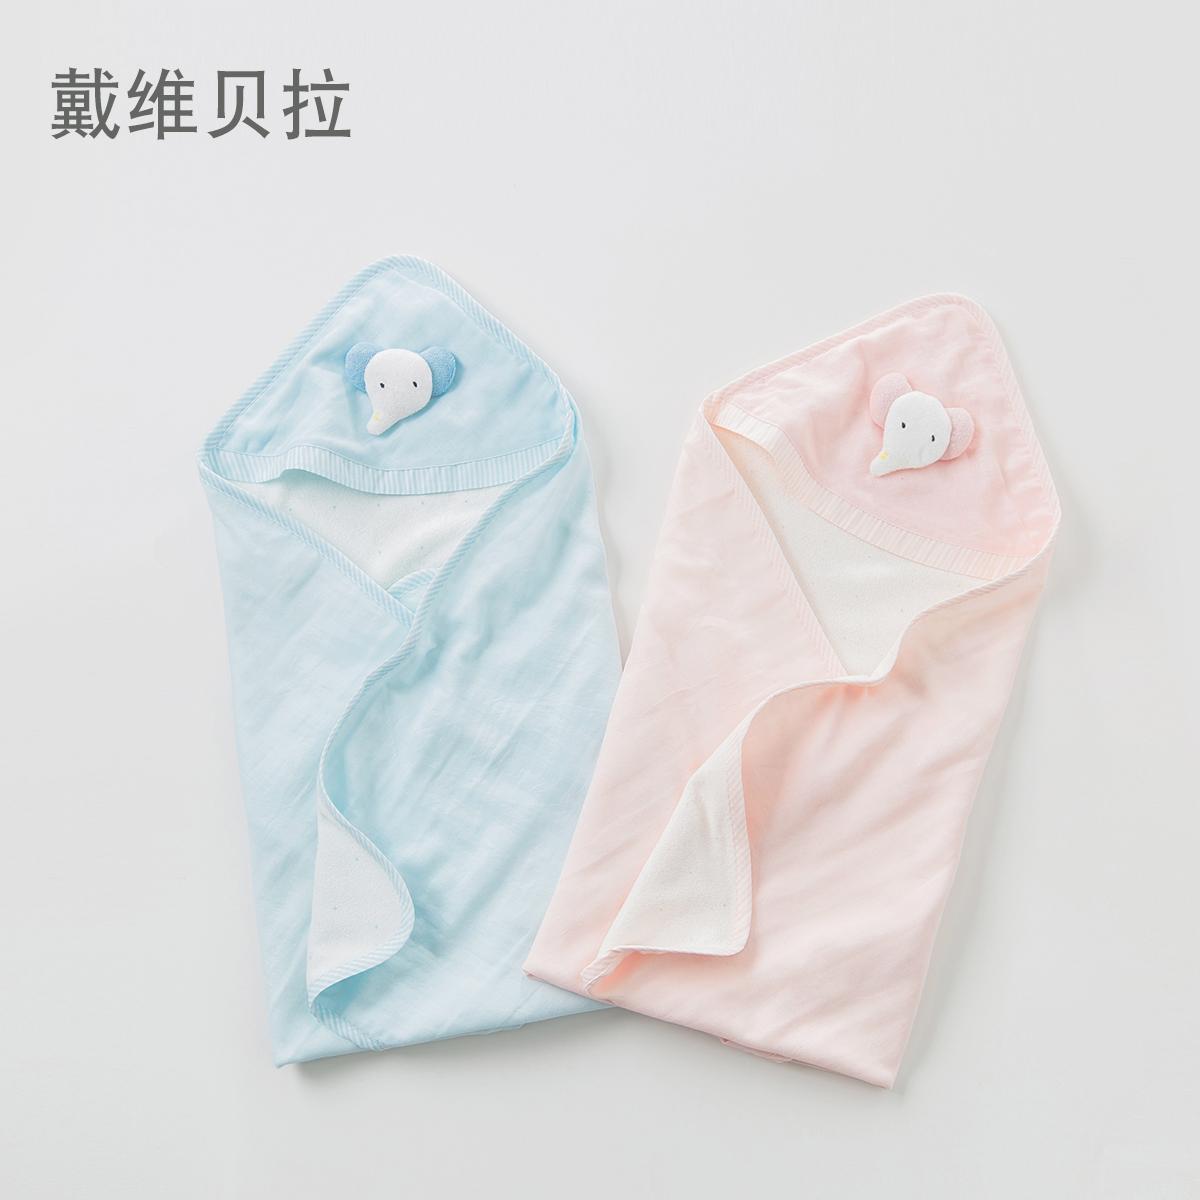 Полотенца с капюшоном / Одеяла с капюшоном Артикул 586351071146